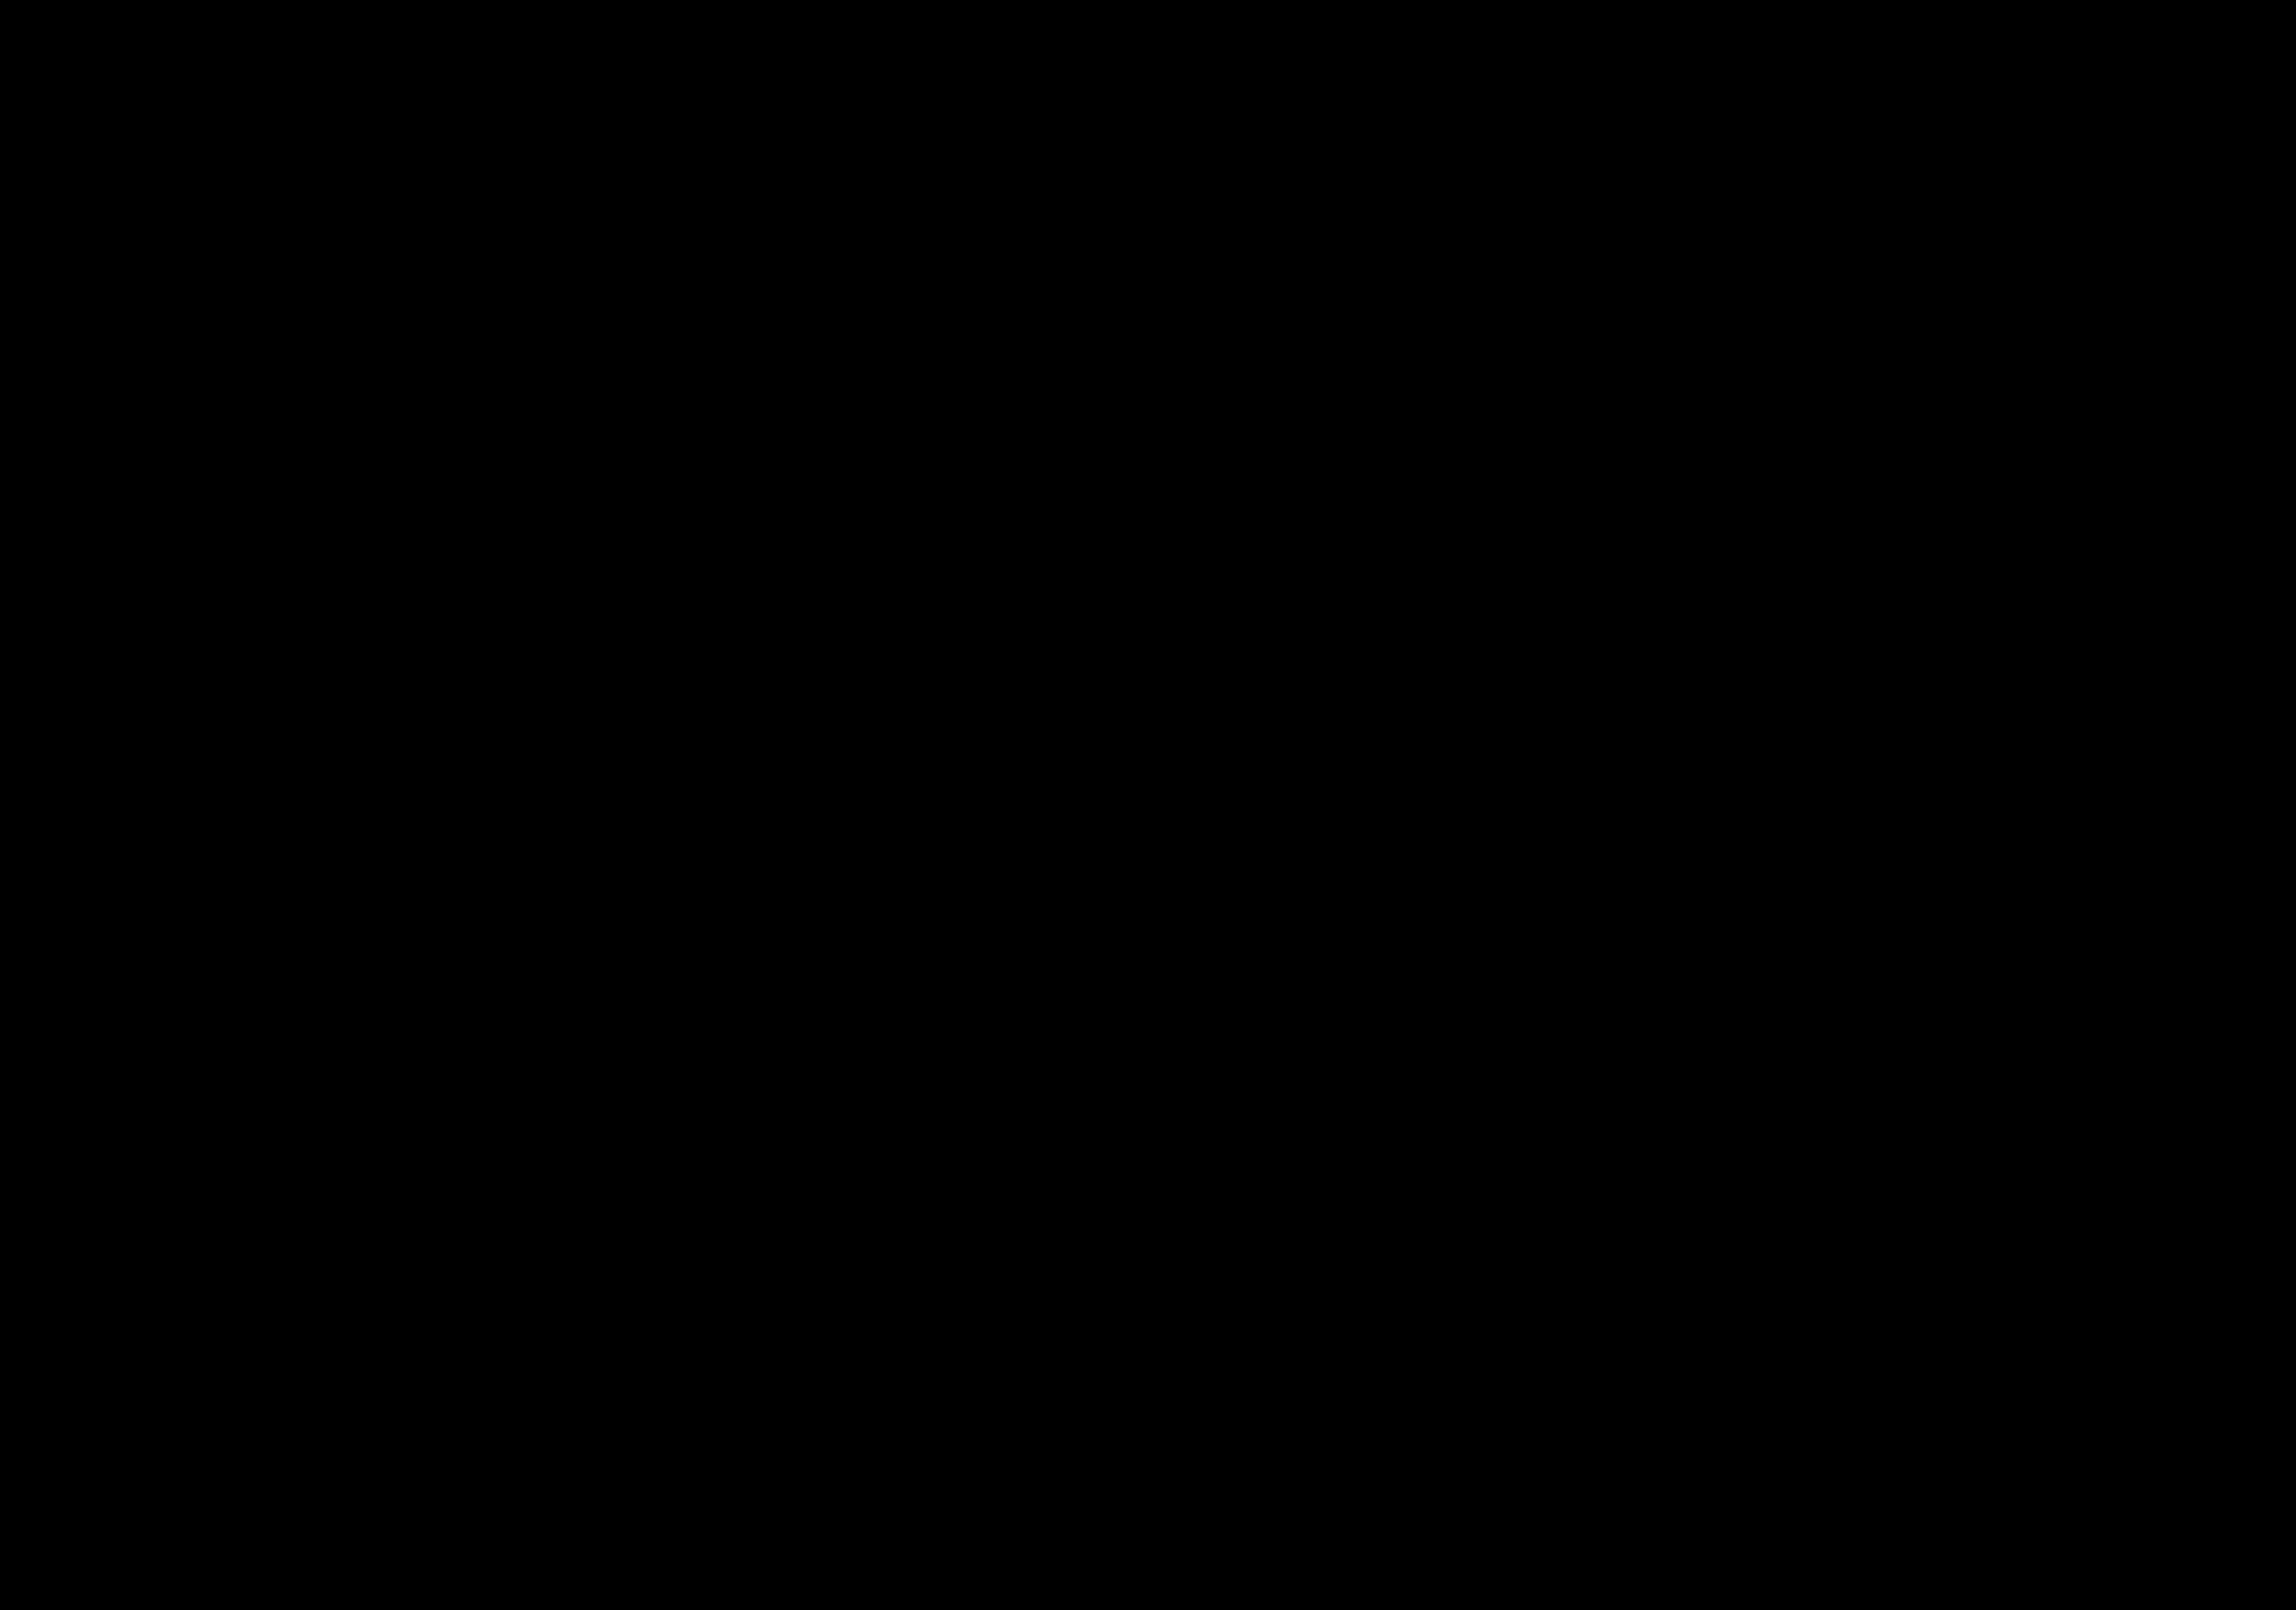 cheminee-mexicaine-brasero2